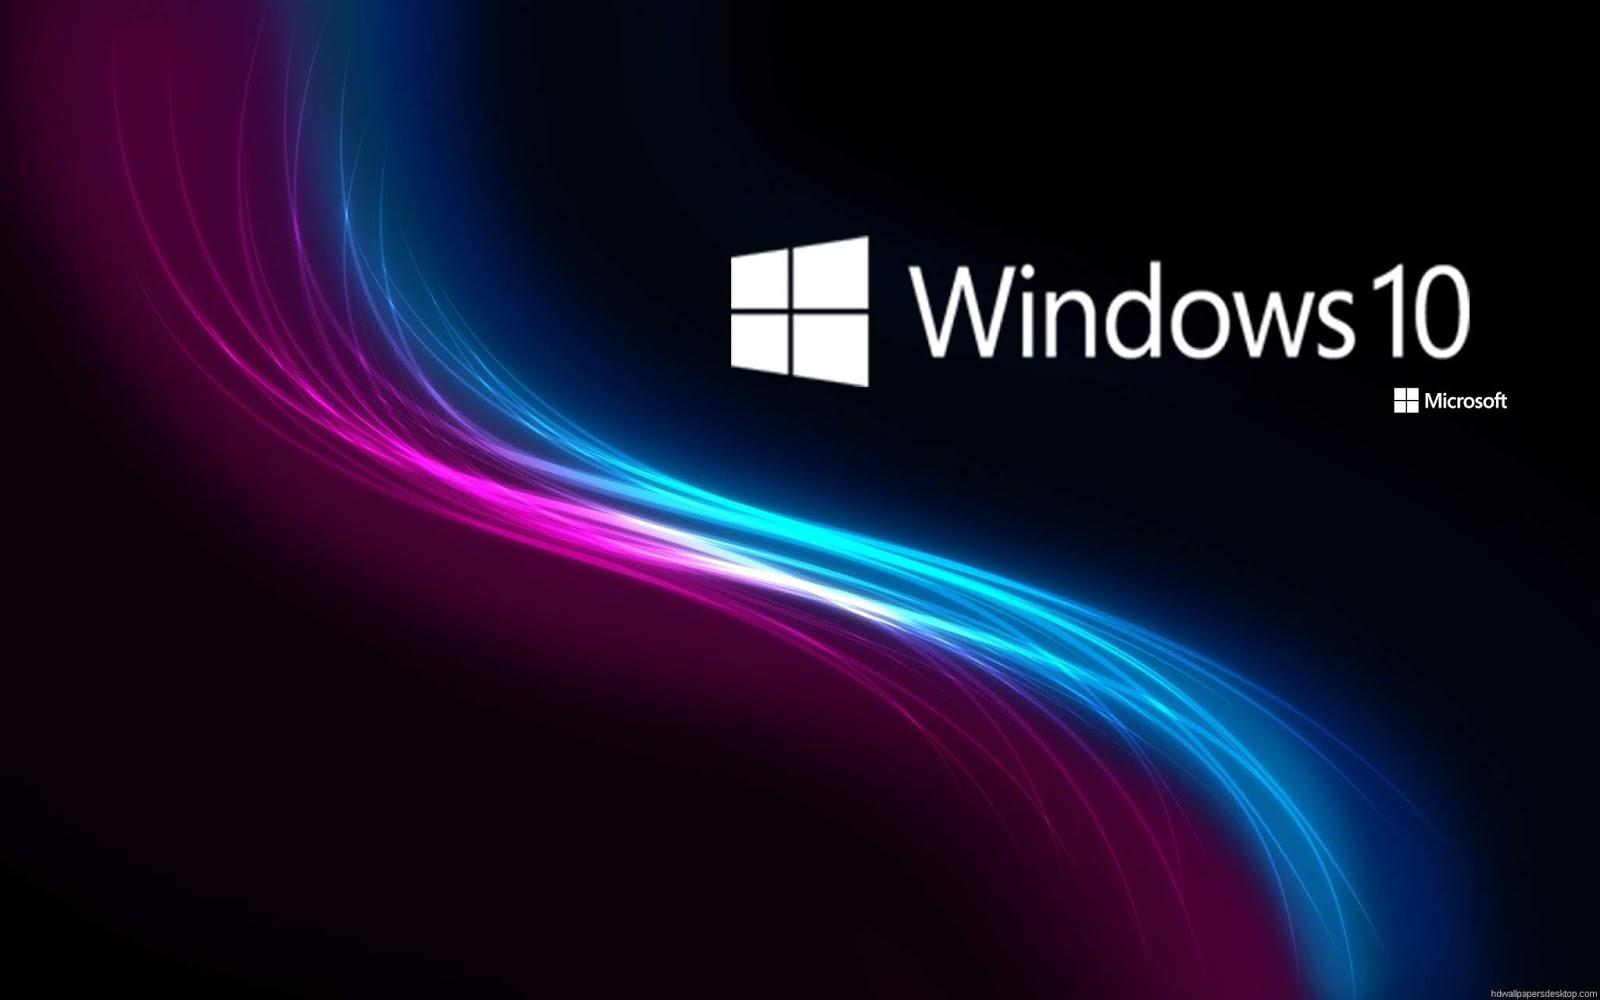 تحميل خلفيات متحركة لسطح المكتب ويندوز 10